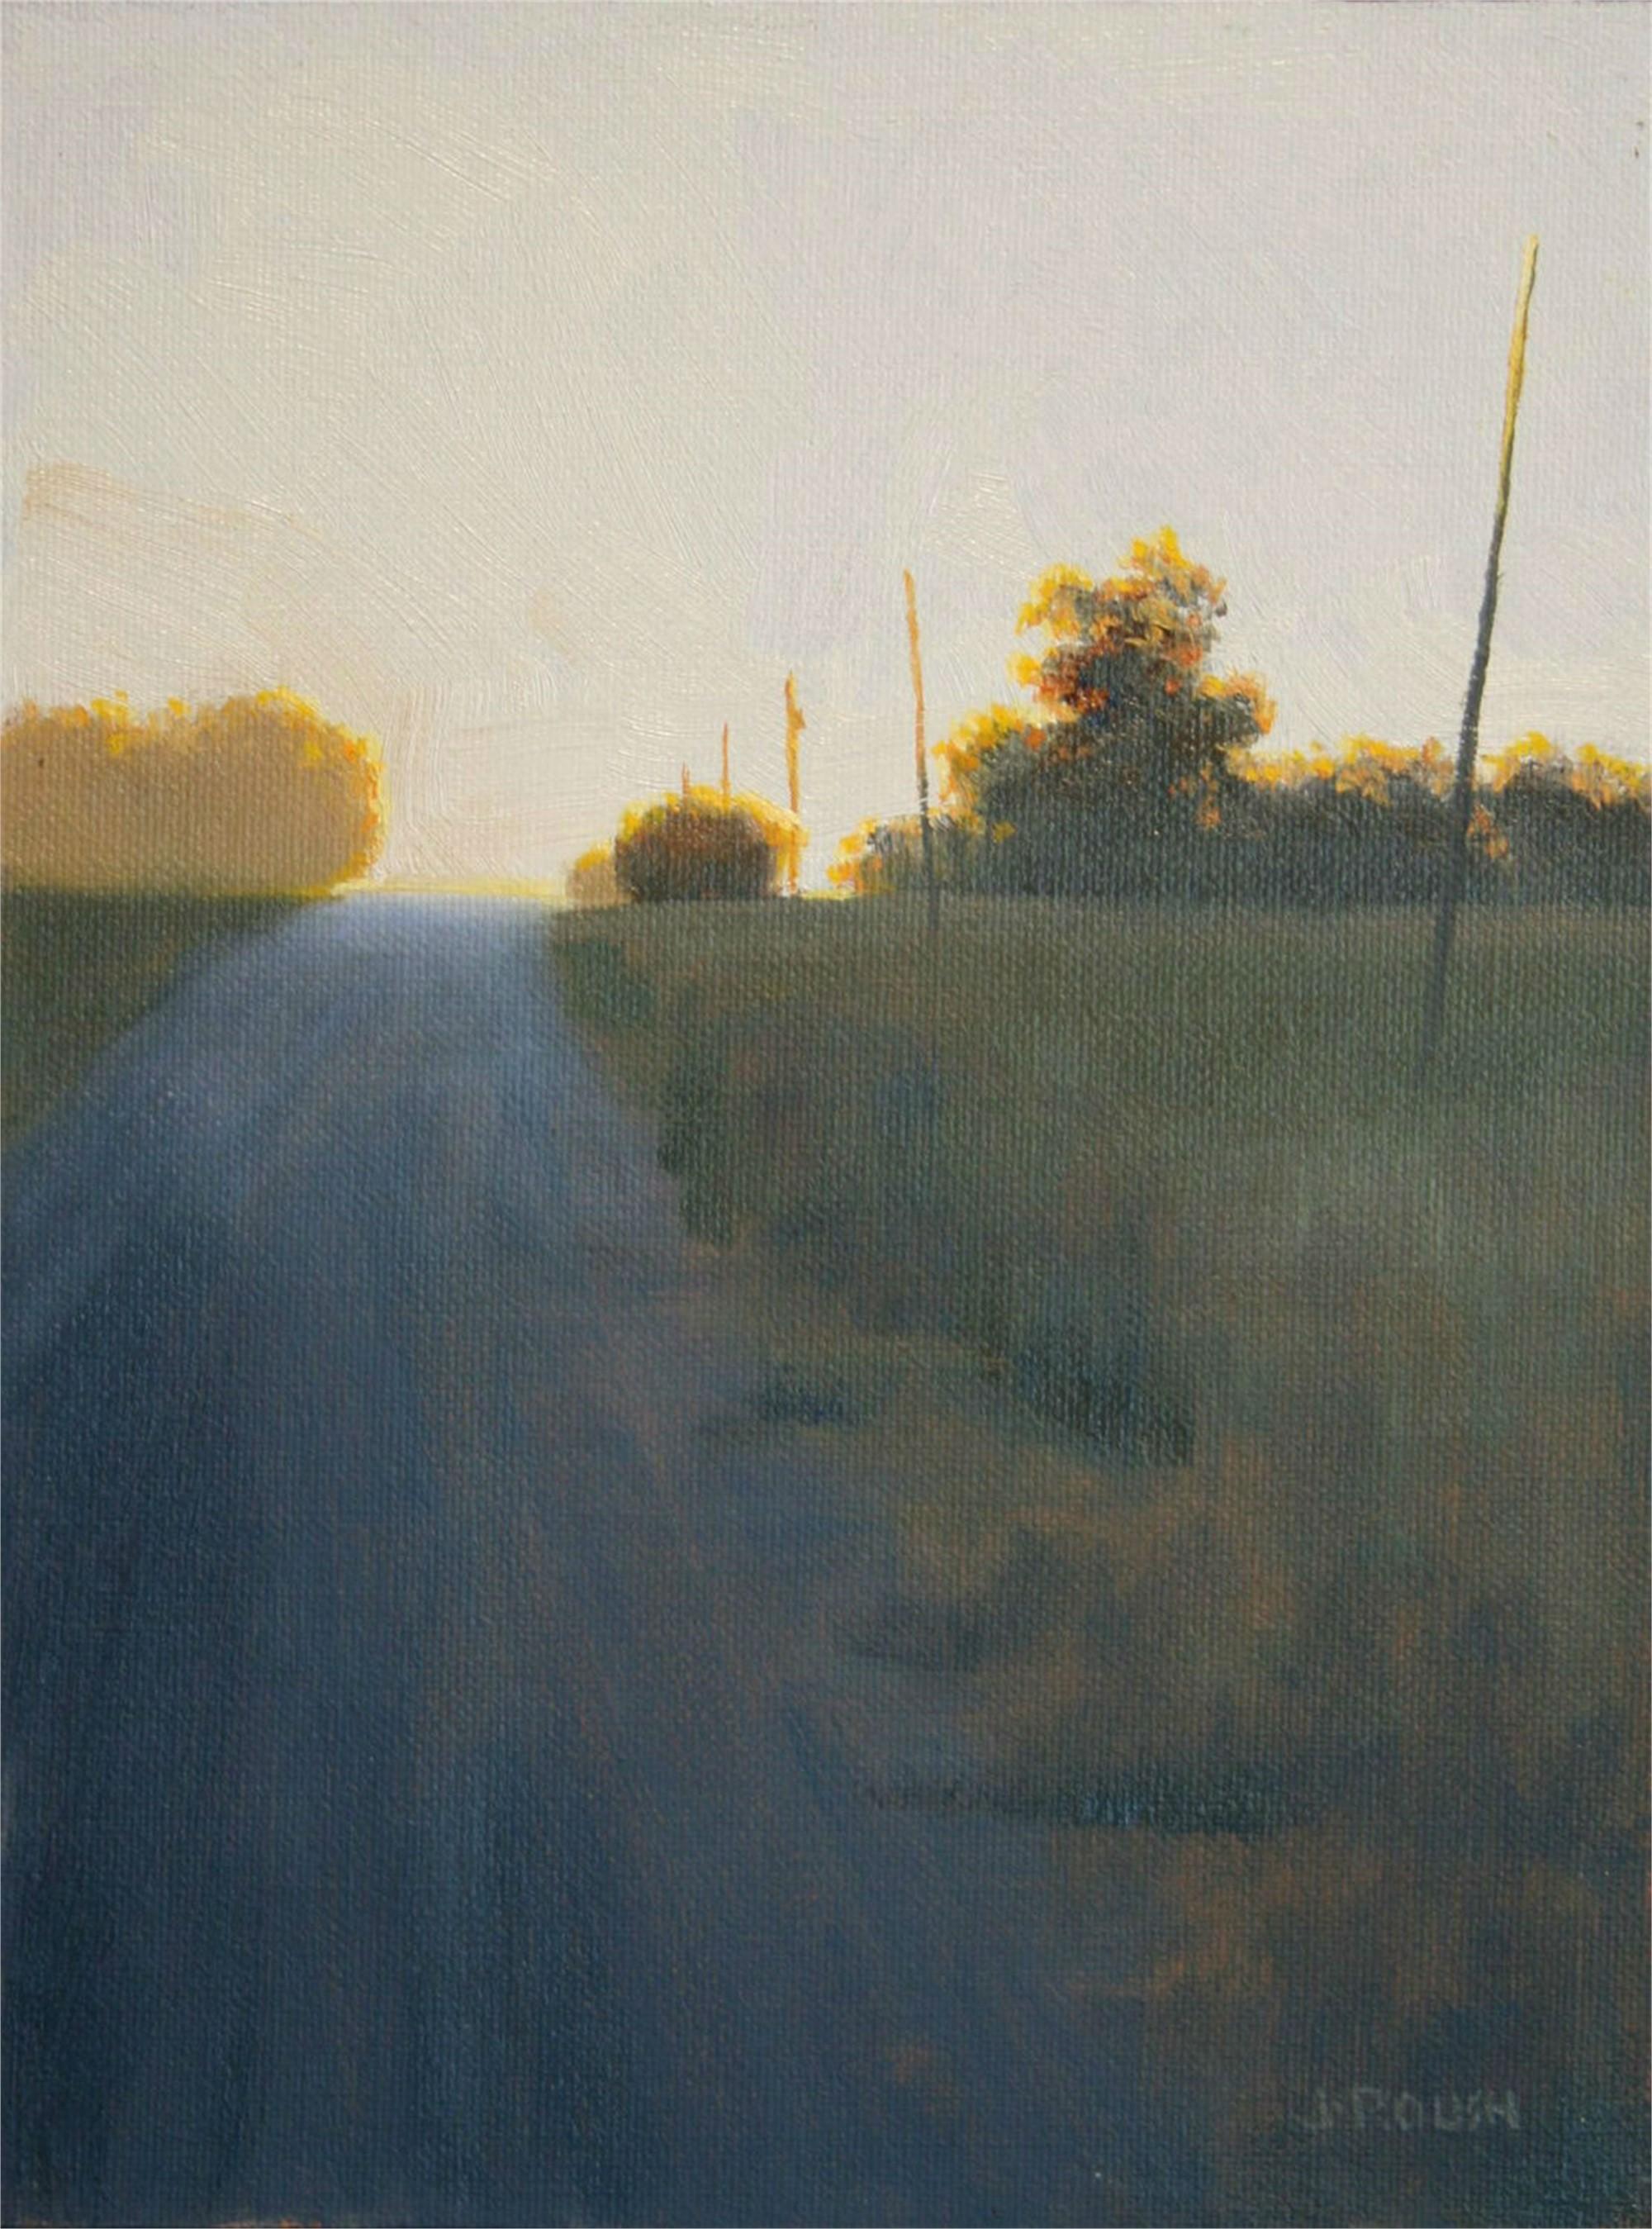 Osbourne Sunrise by John Roush